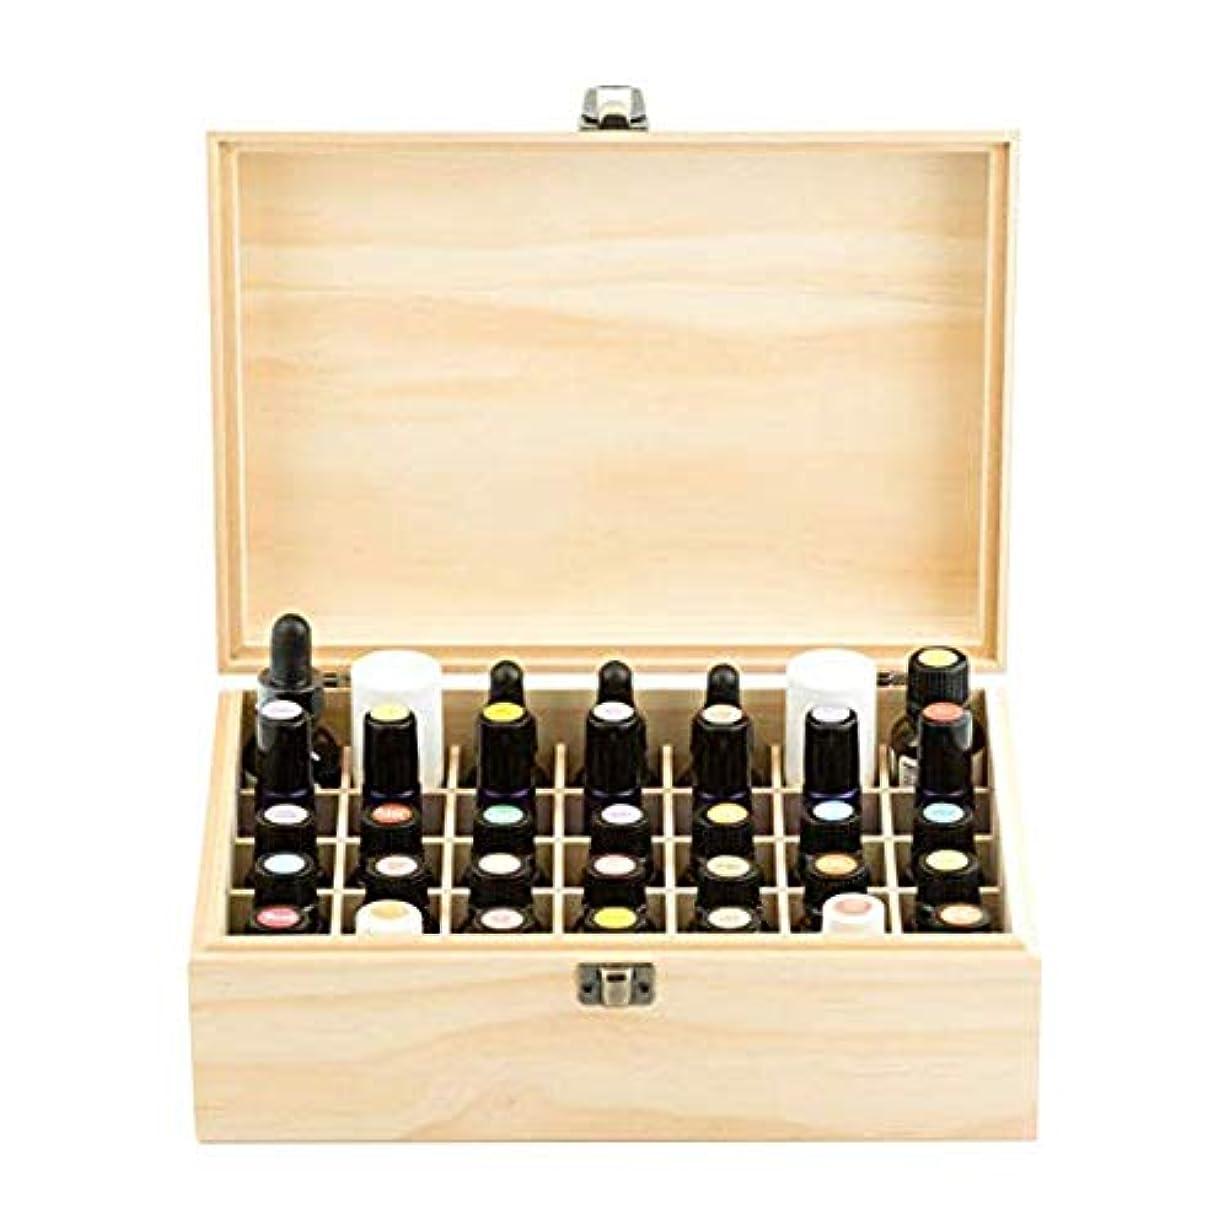 曲がった白菜ドレイン精油収納ケース エッセンシャルオイル収納ボックス 木製 コンパートメント木箱 35本入り 5ml?10ml?15mlのボルトに適用 junexi